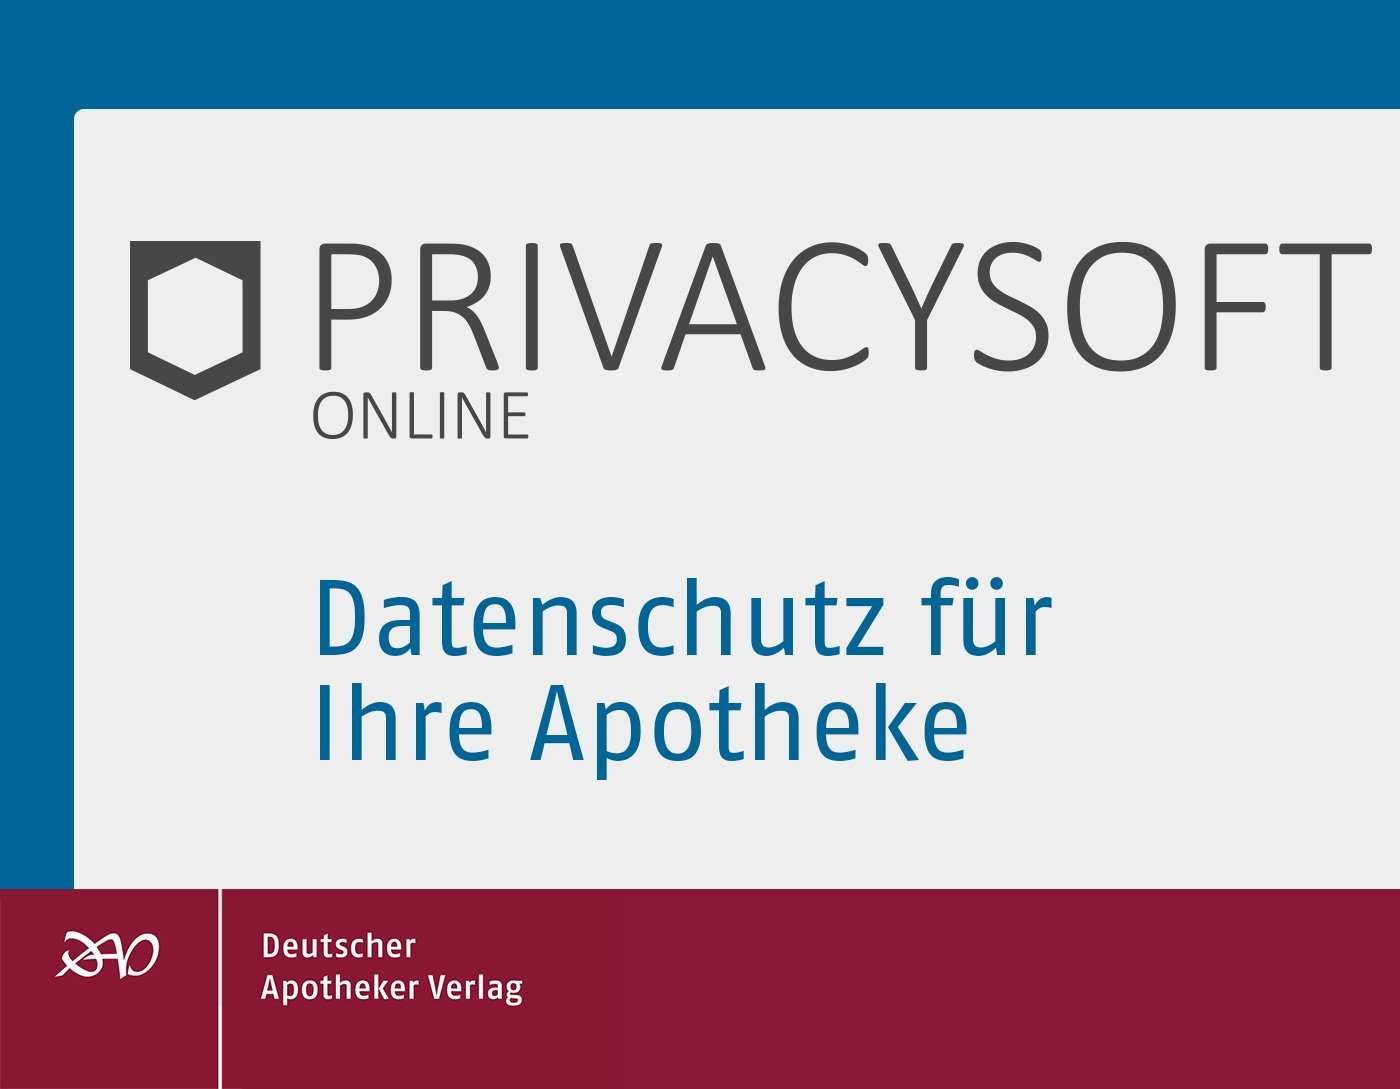 Privacysoft Datenschutzmanagement Software Shop Deutscher Apotheker Verlag